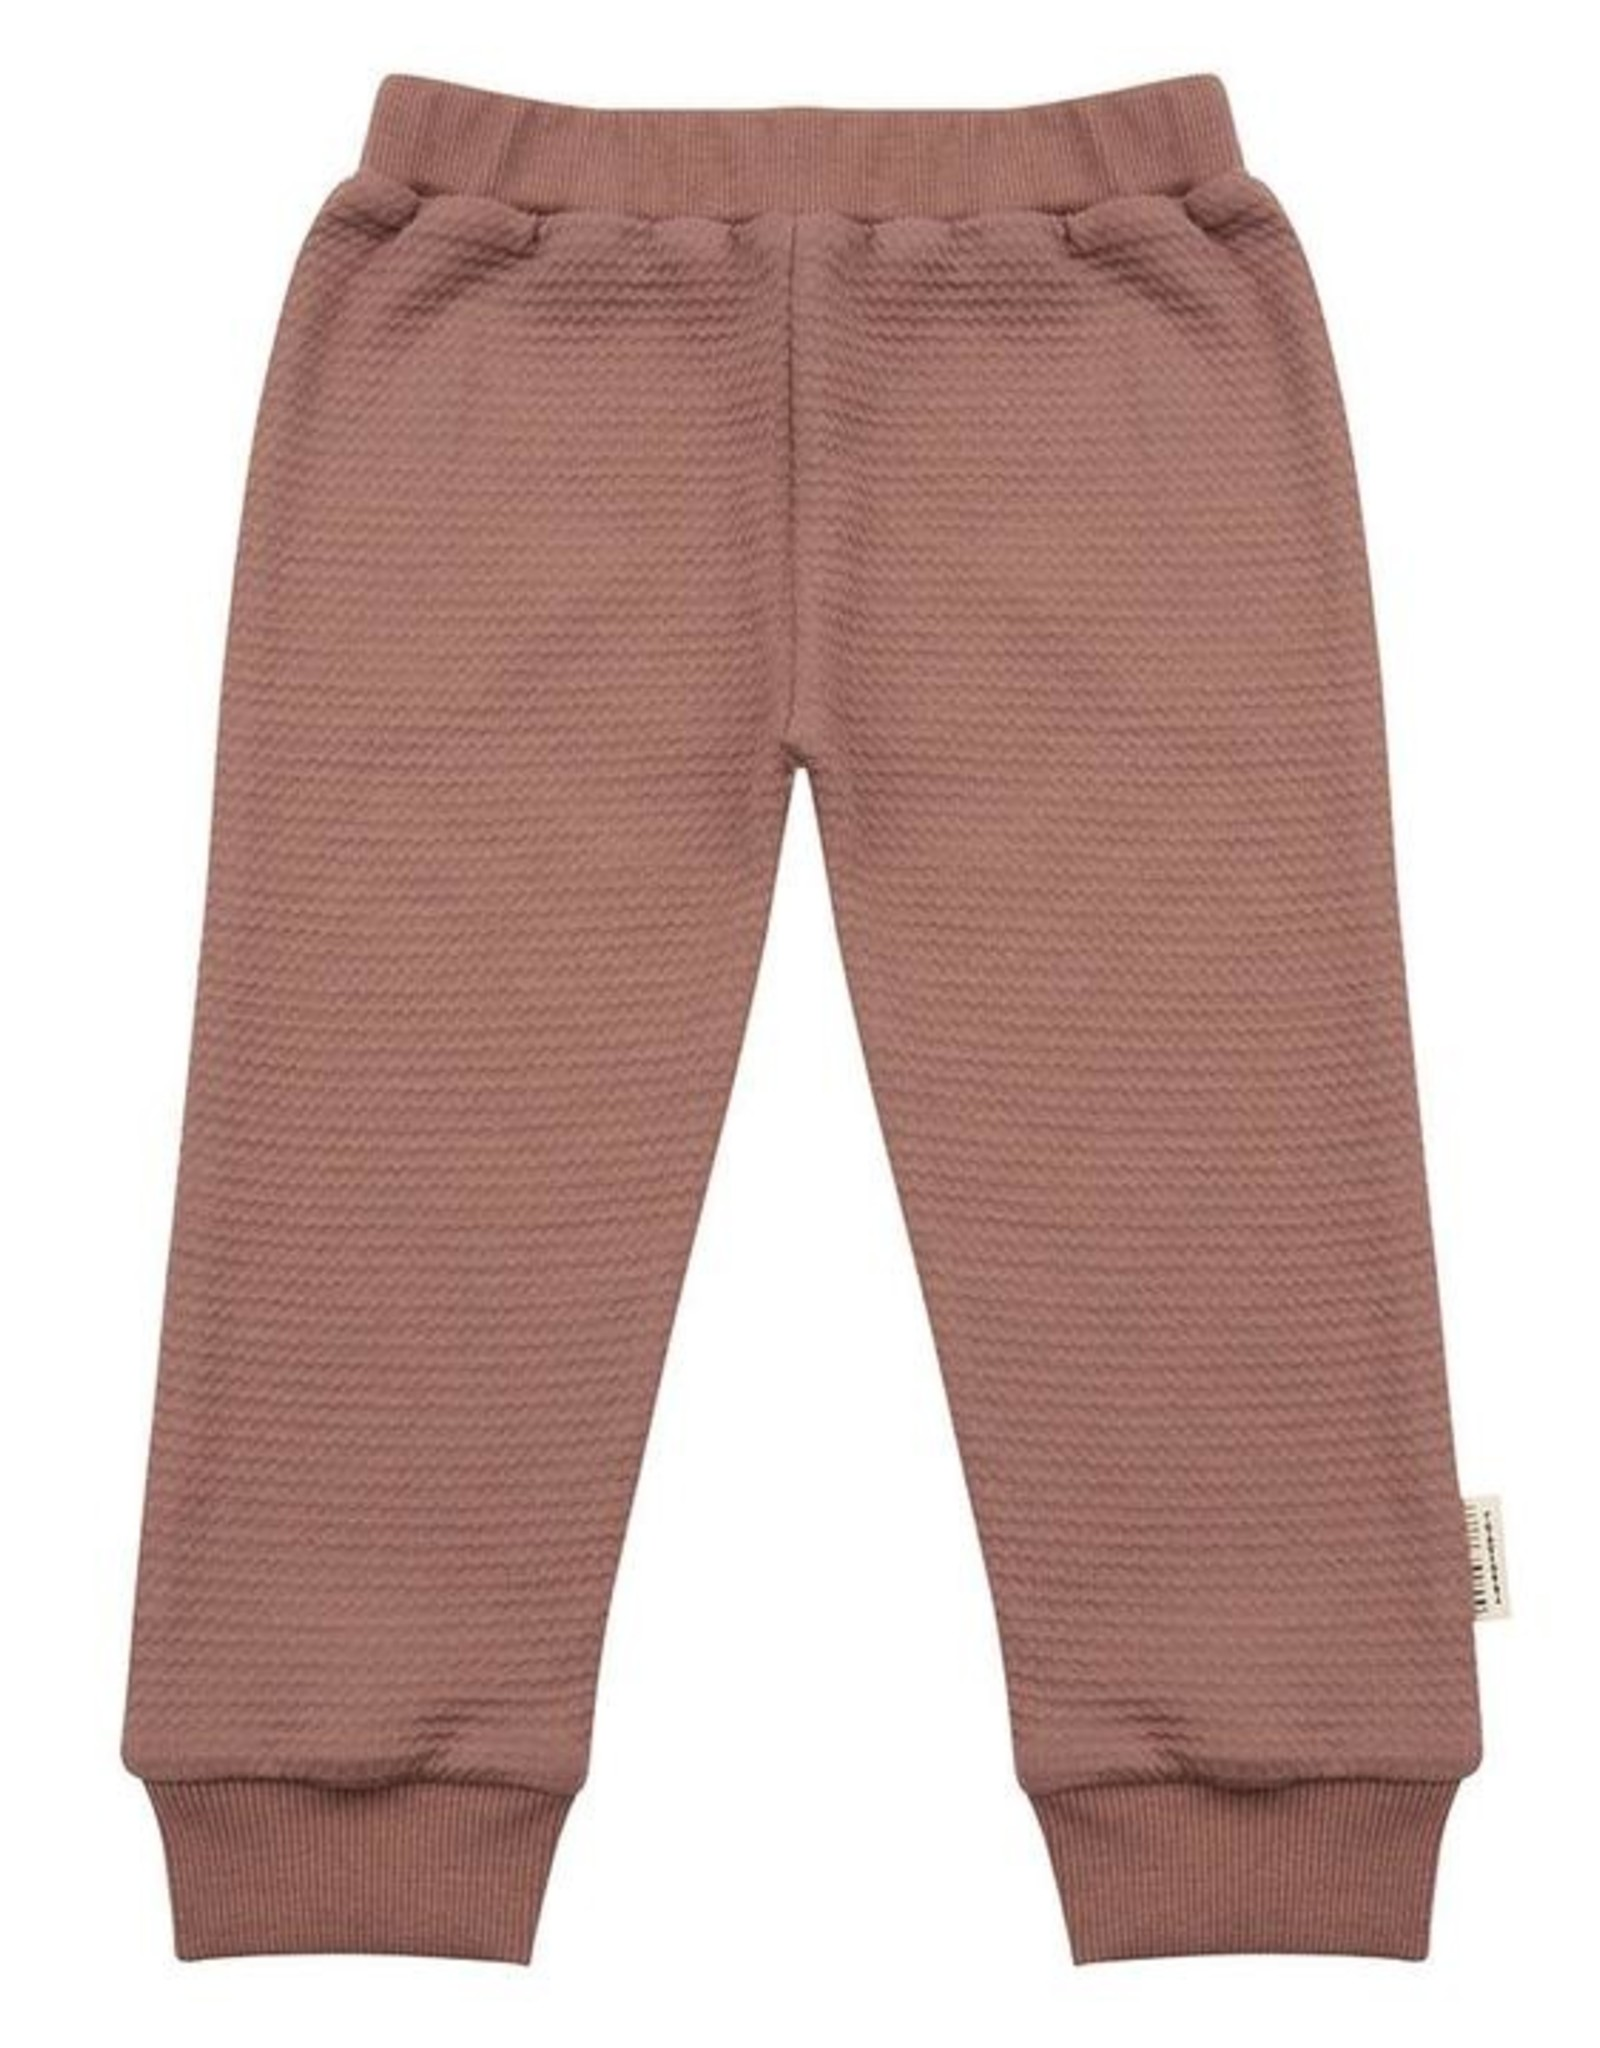 Little Indians Pyjama - Burlwood - 3 - 6 m